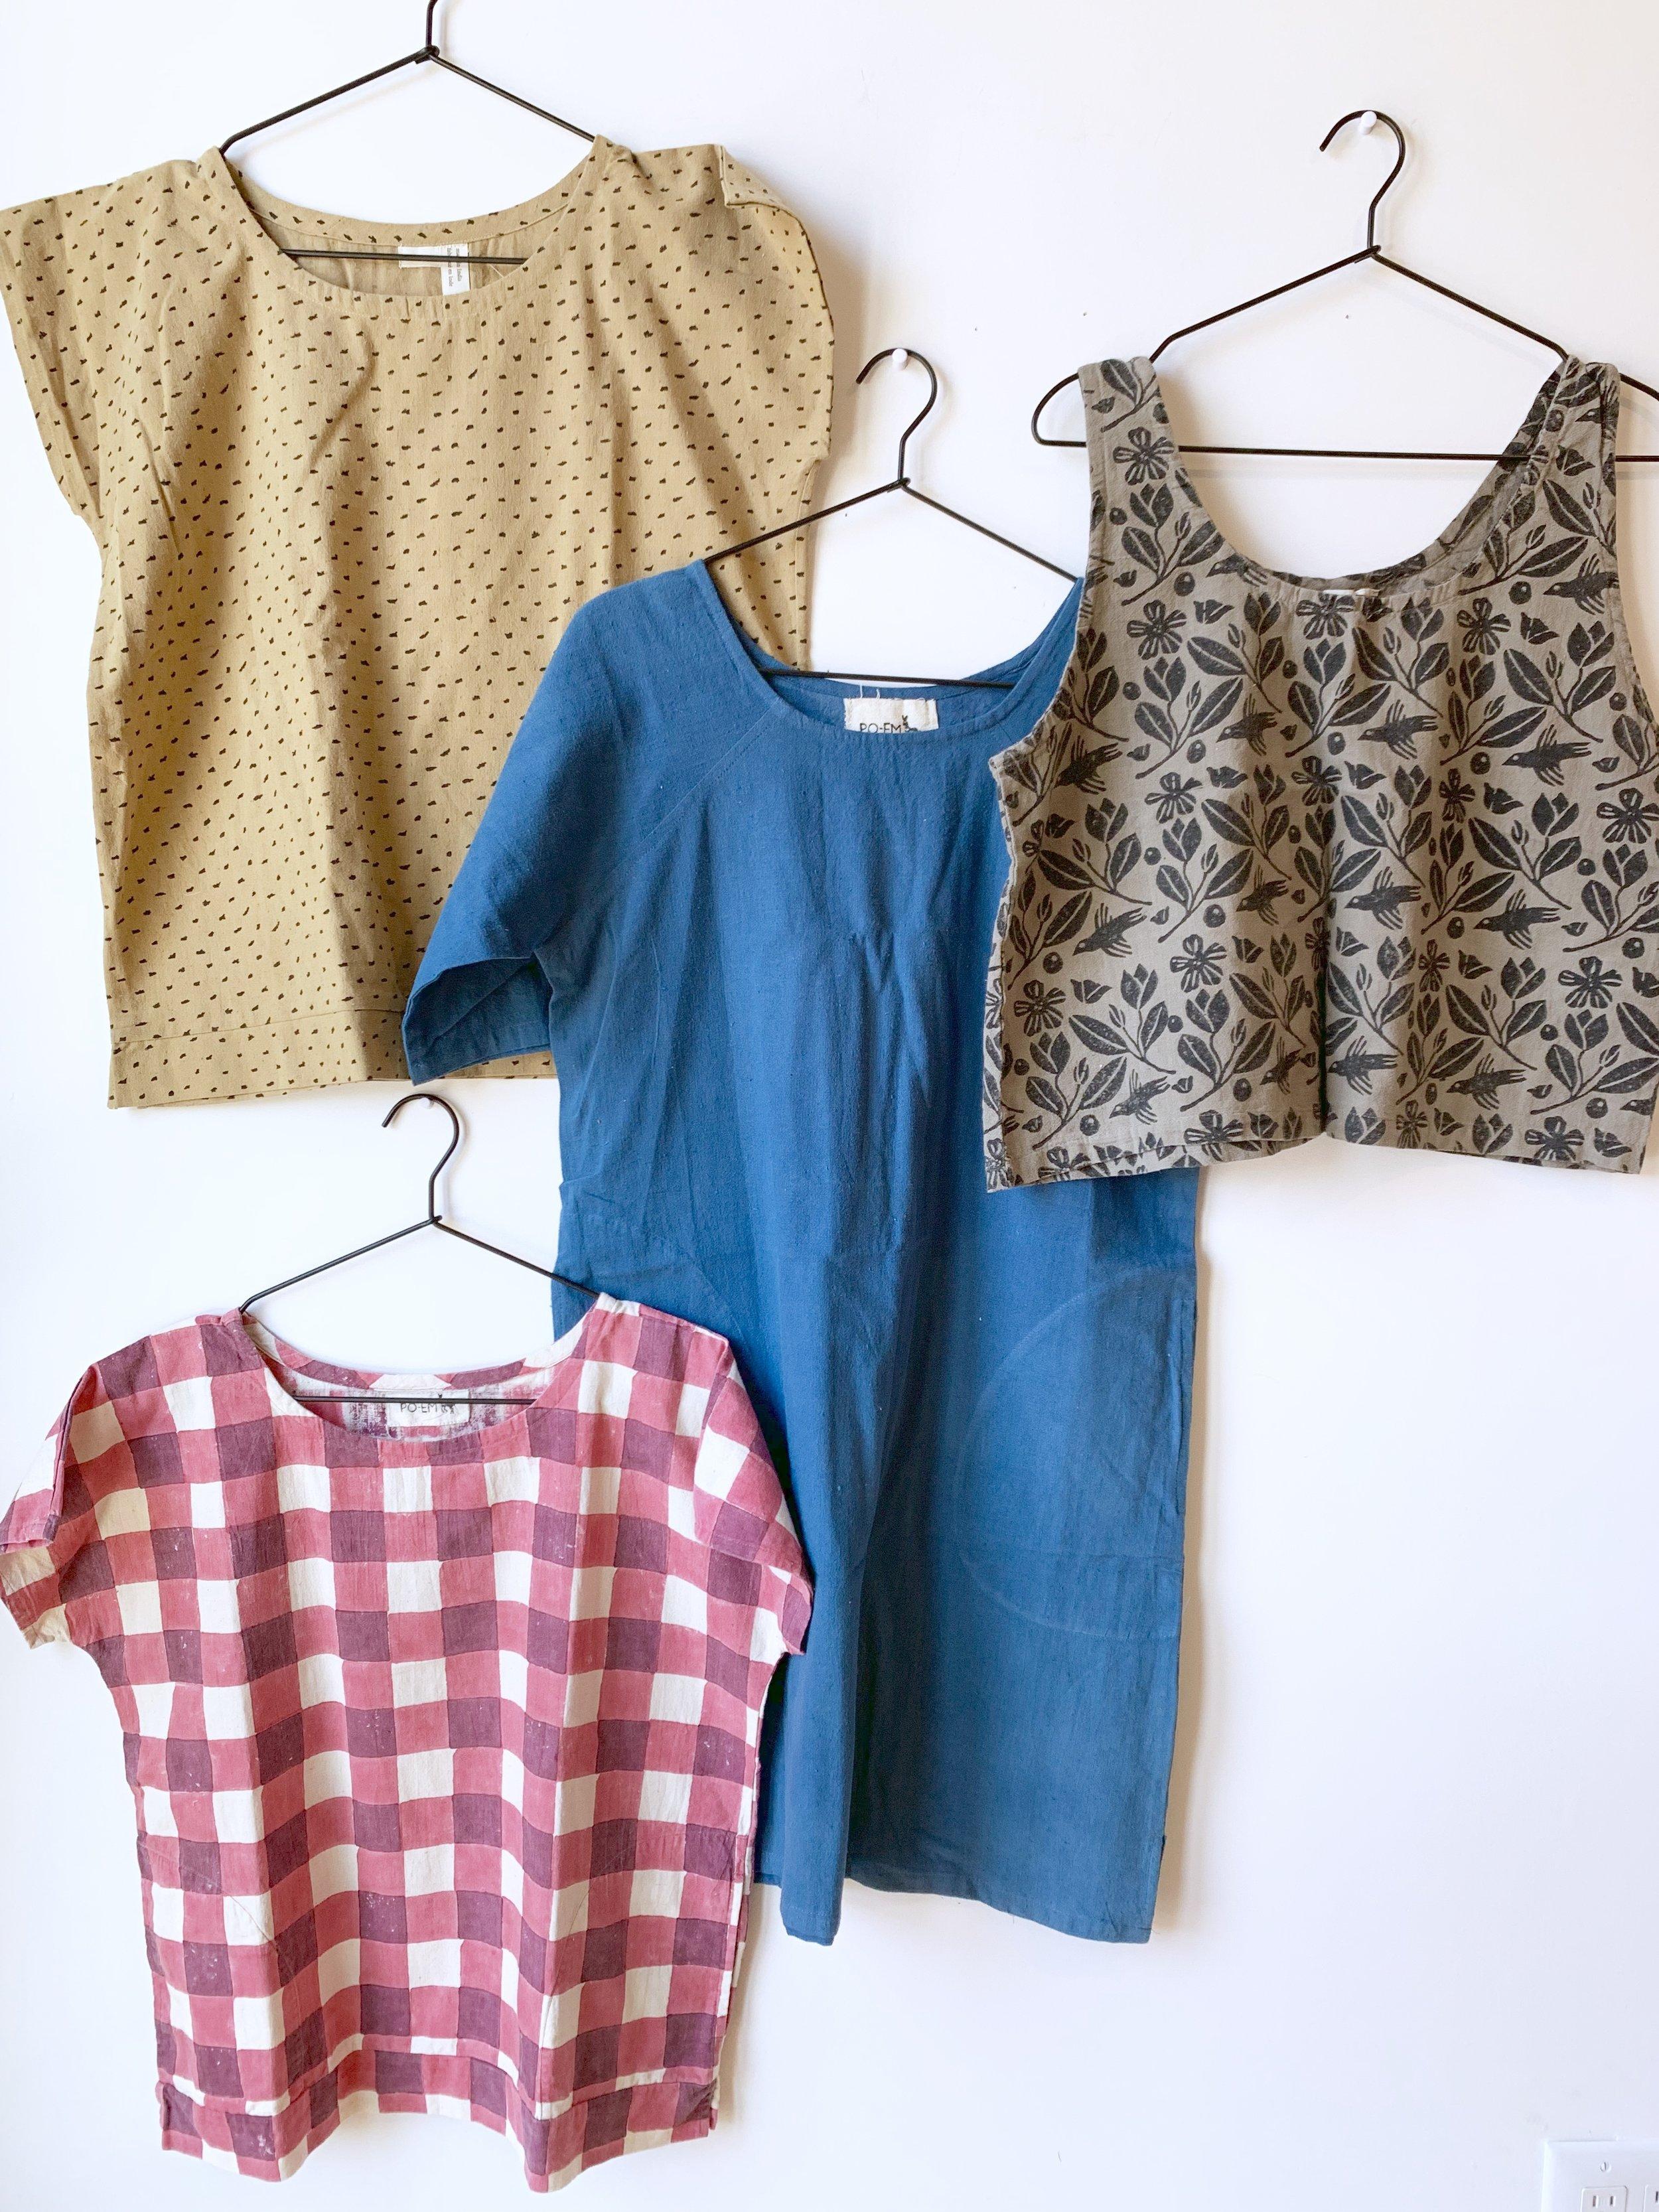 PO-EM Handmade Textiles